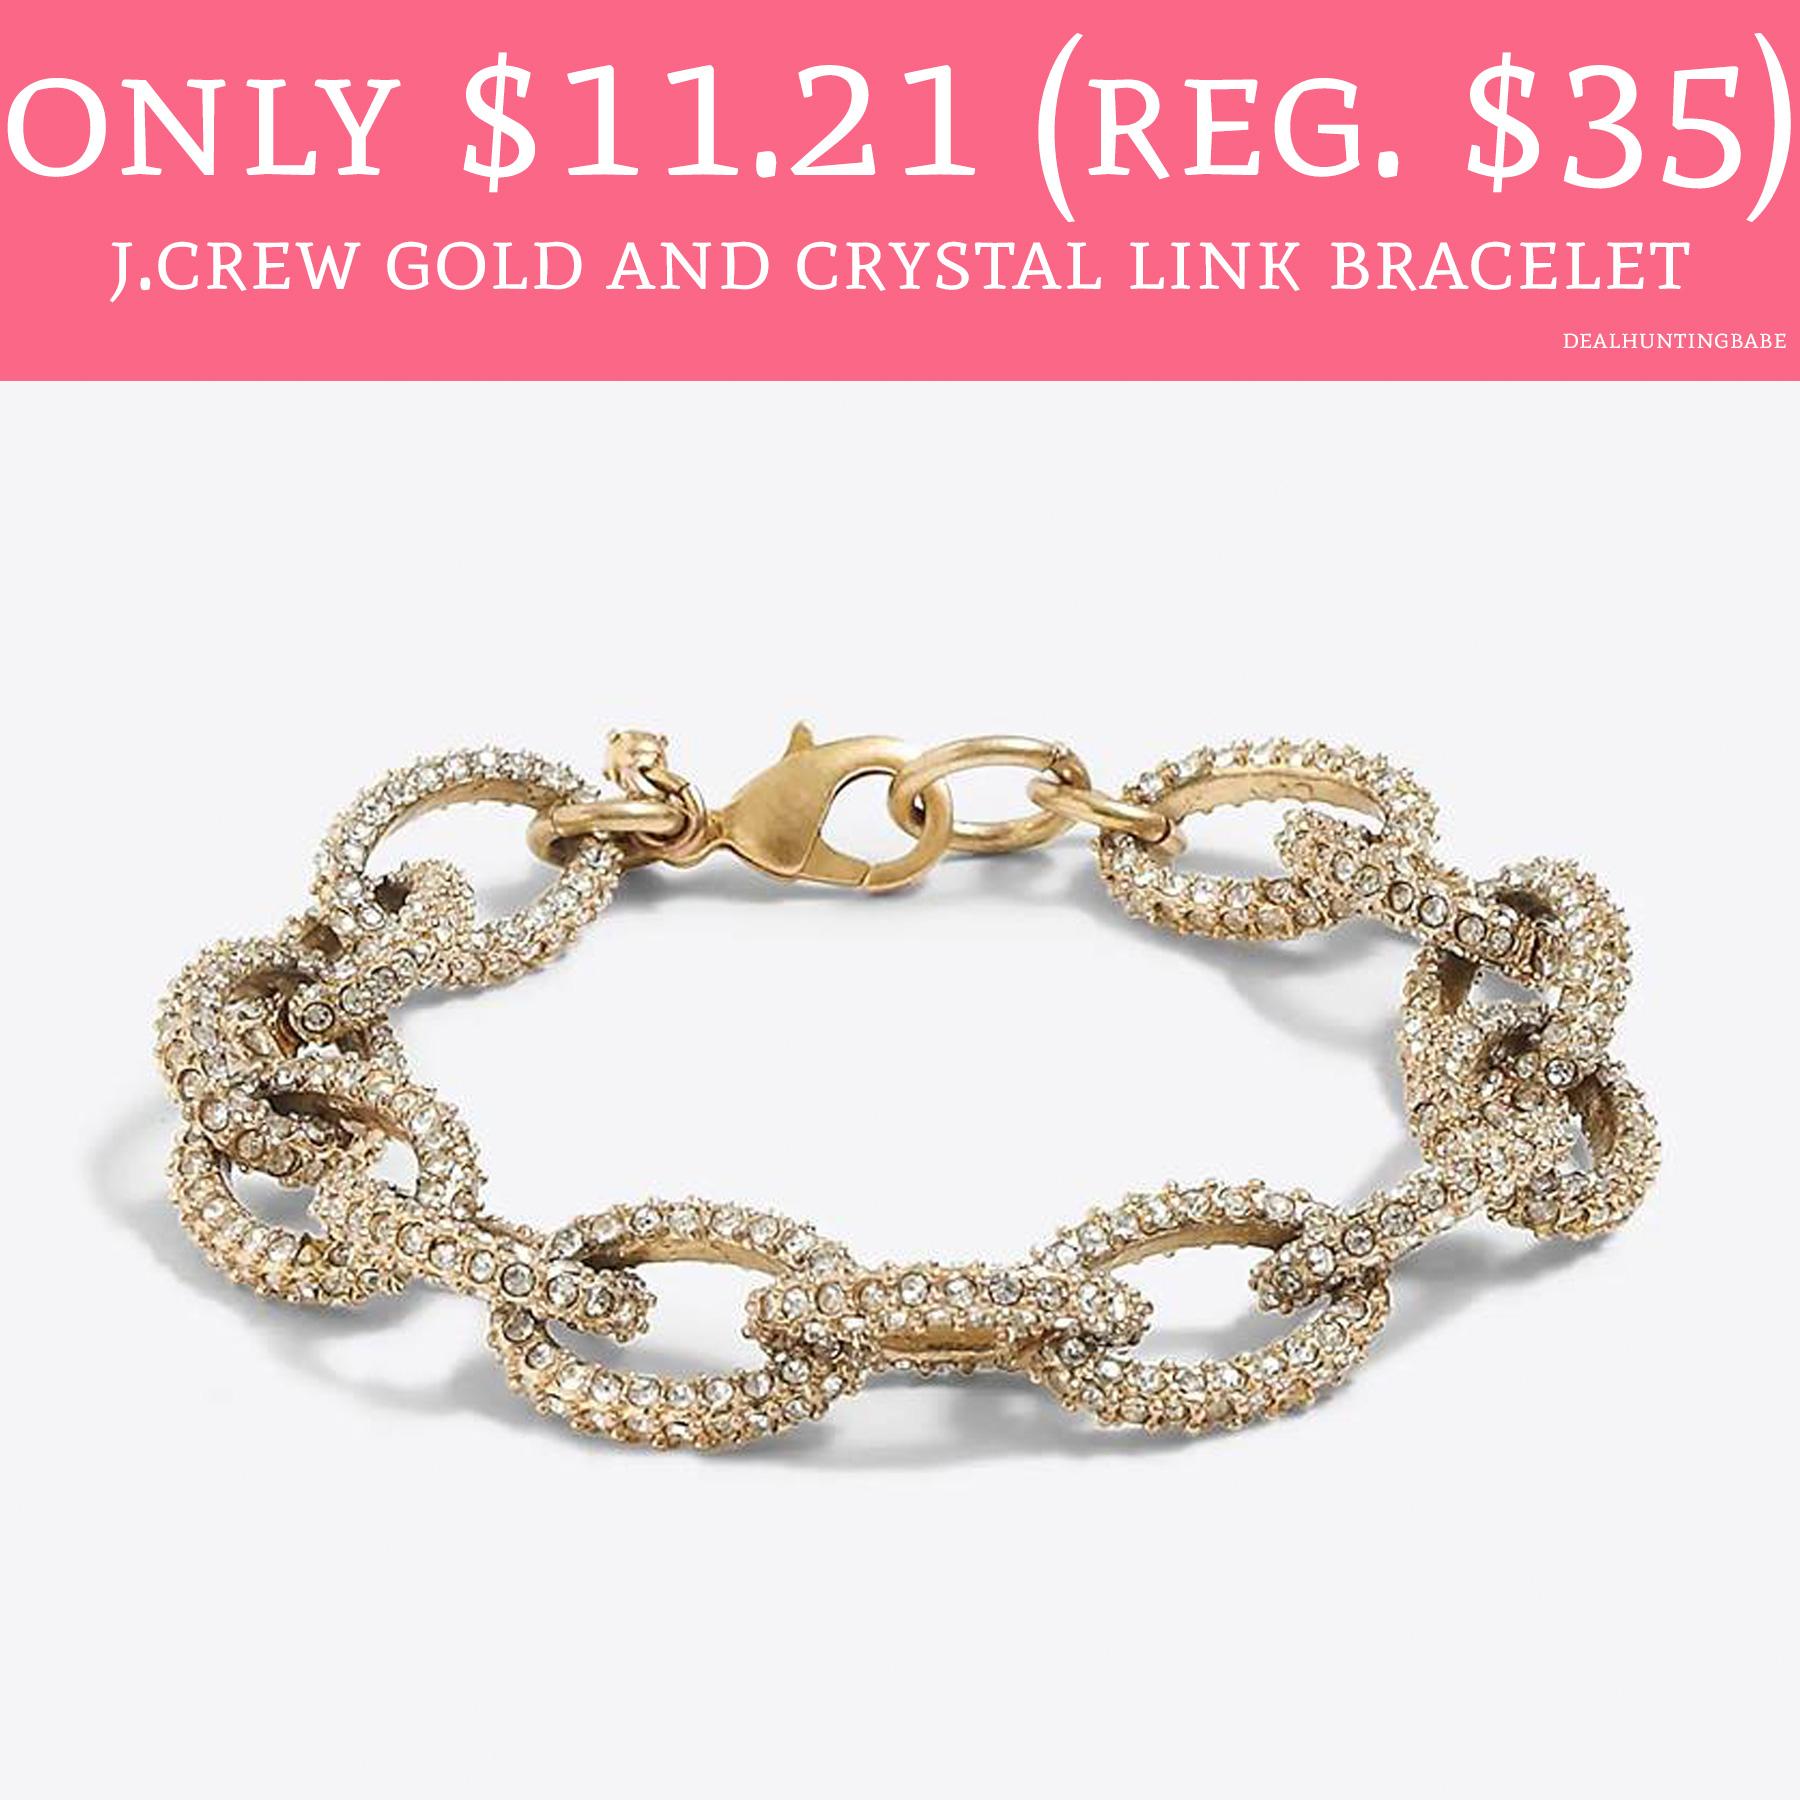 J Crew Gold Crystal Link Bracelet